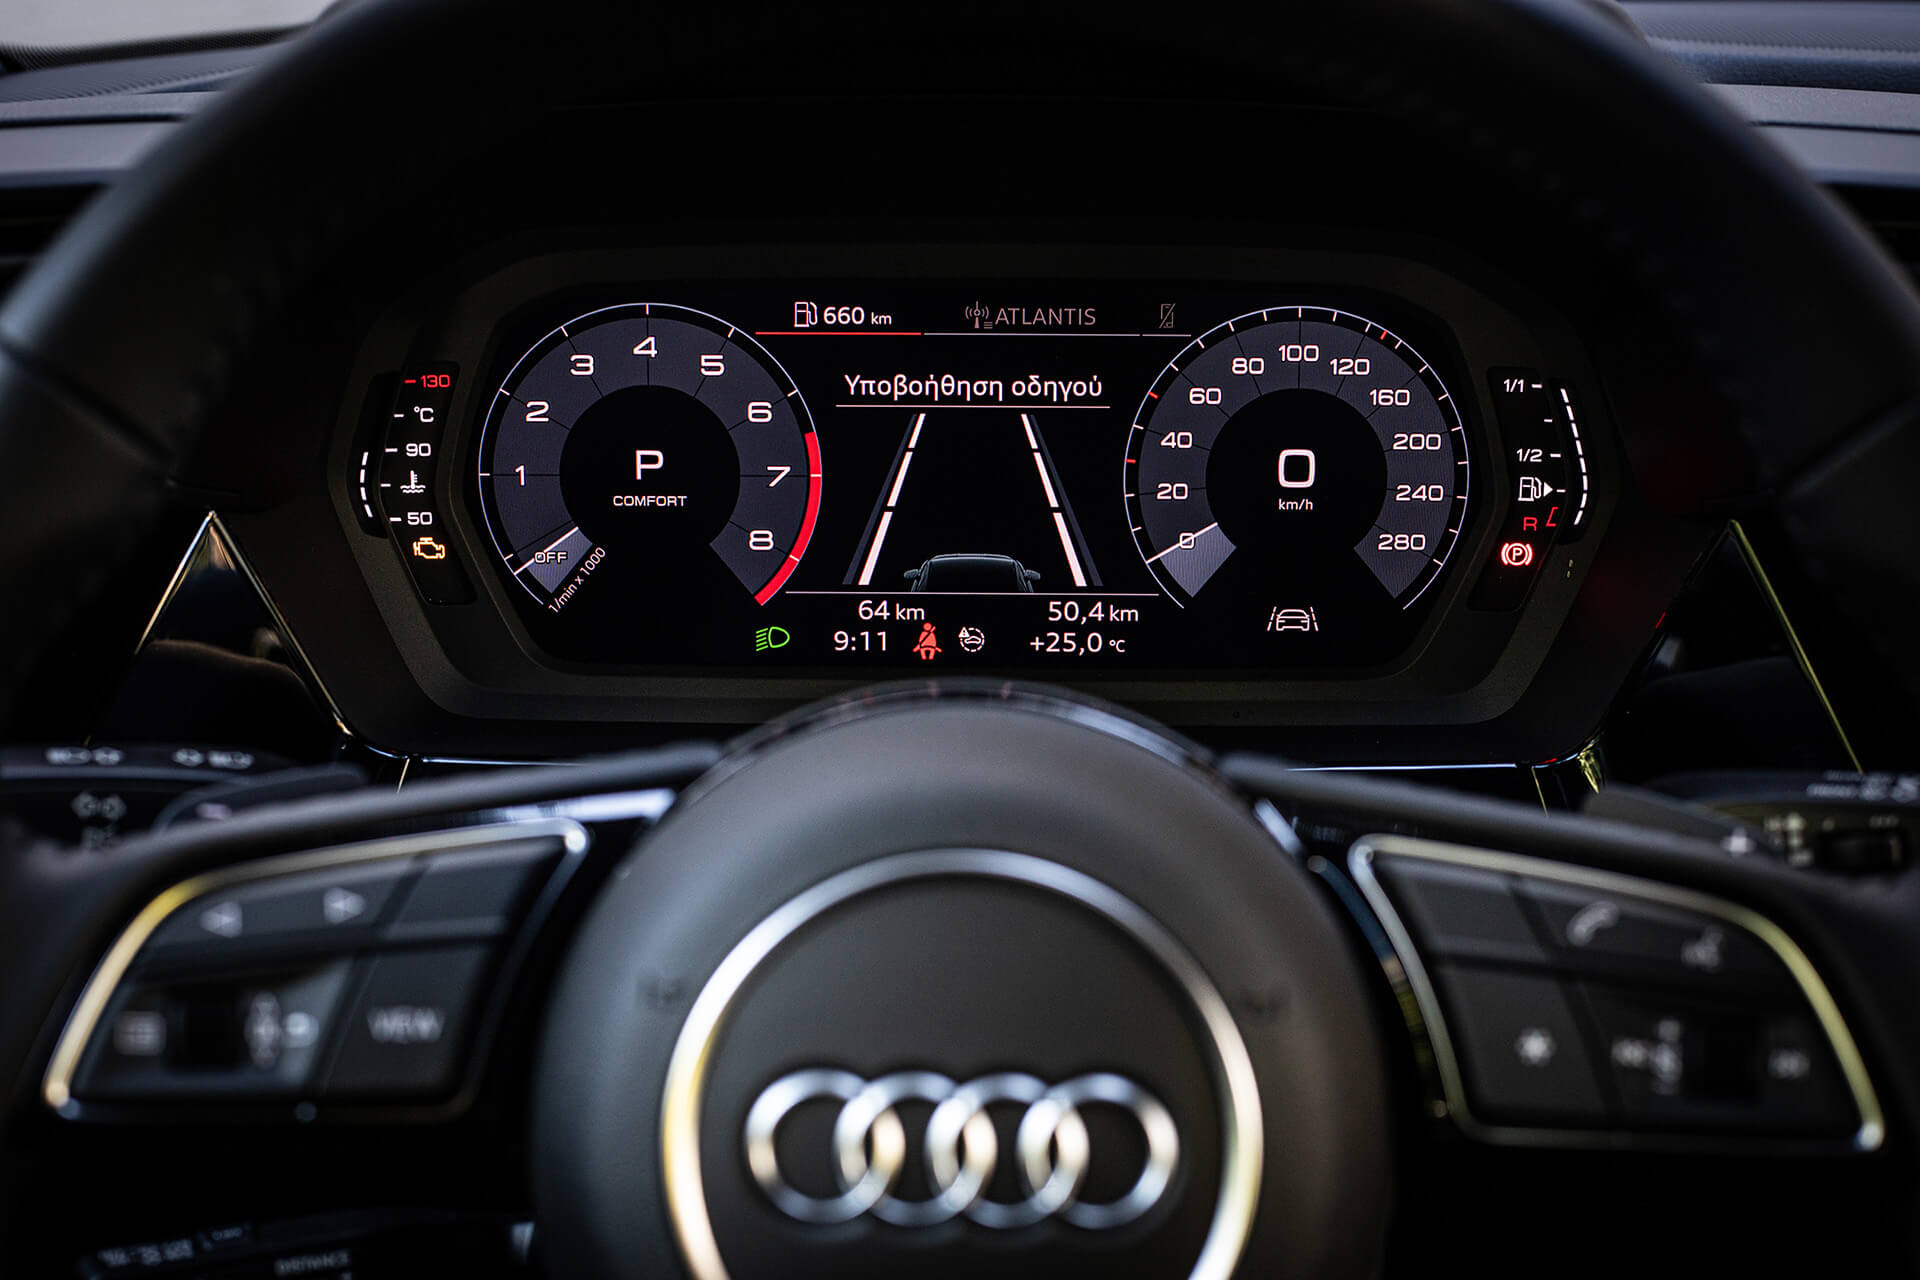 Νέο Audi A3 Sportback - Ενδείξεις συστήματος υποβοήθησης οδηγού